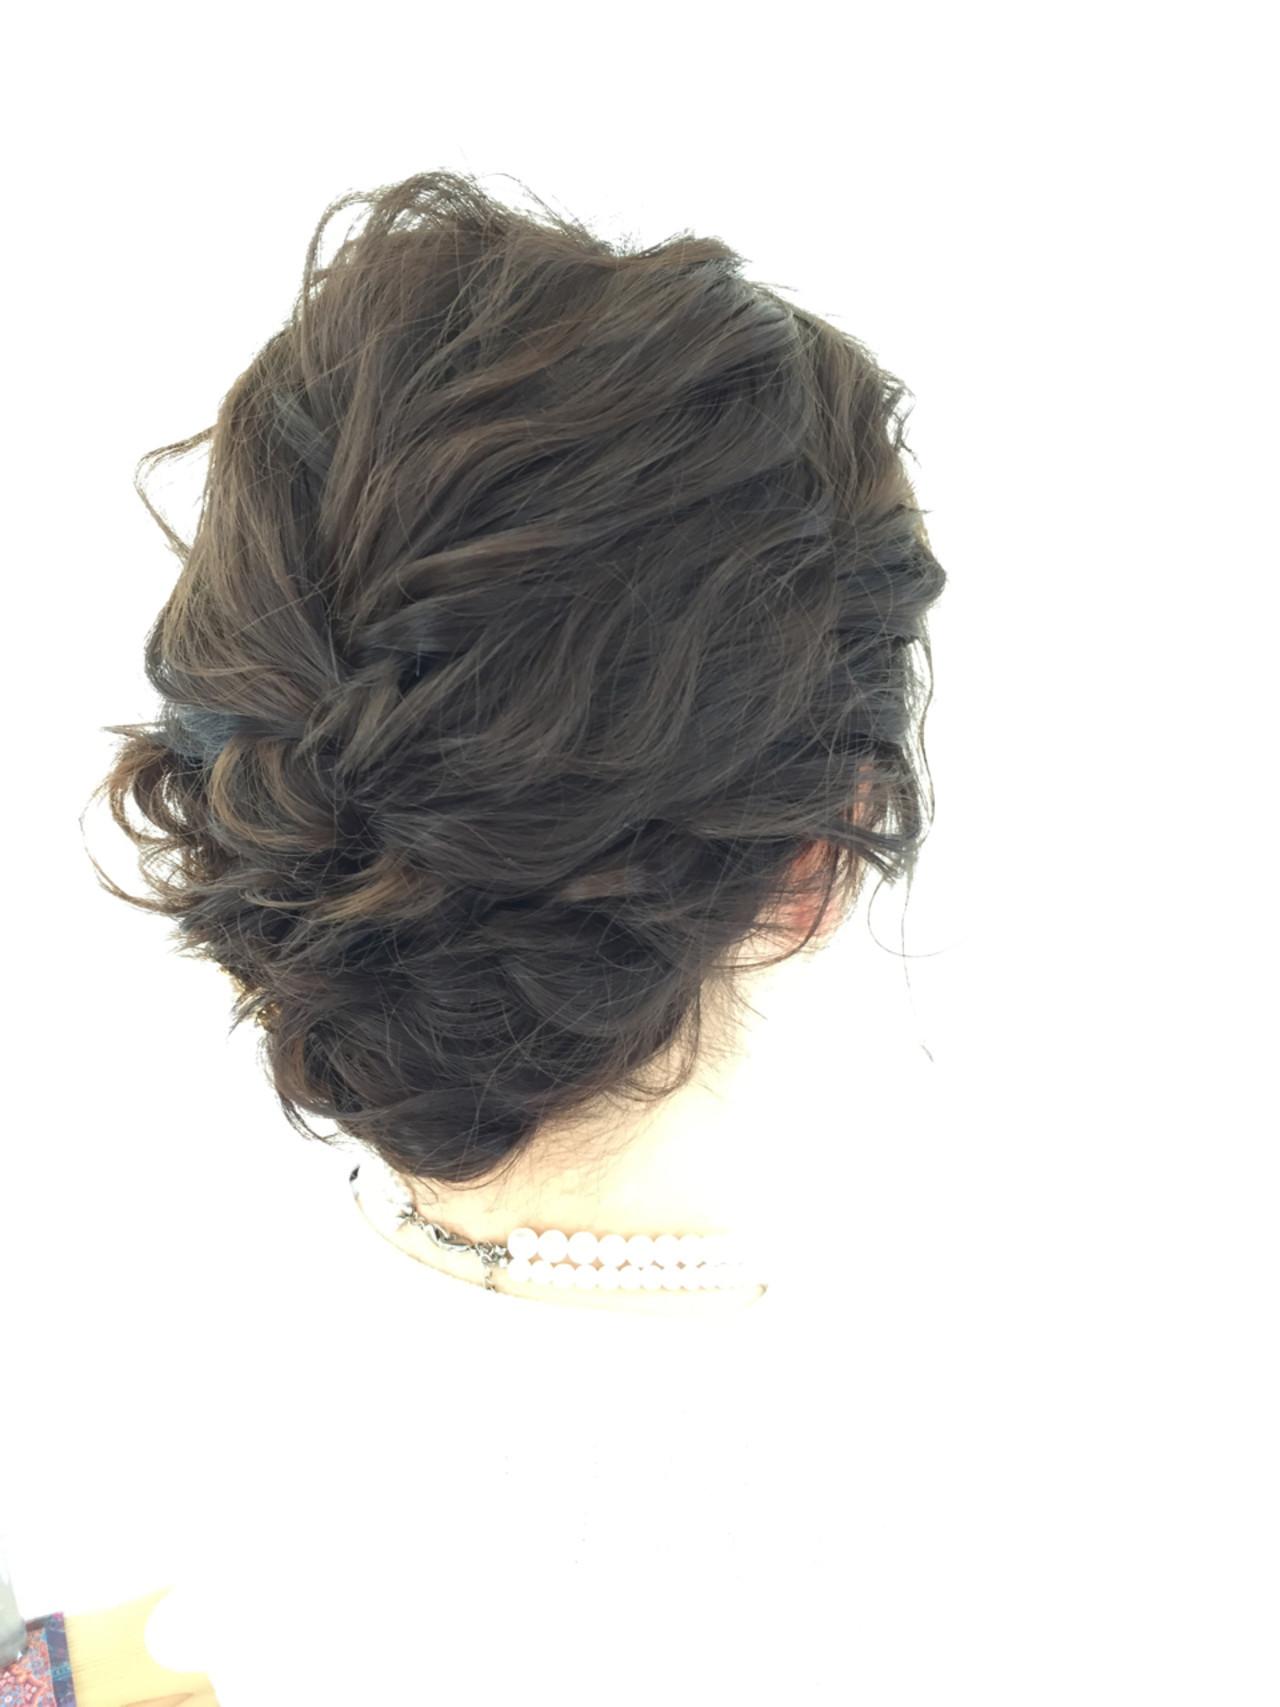 シニヨン 編み込み ヘアアレンジ セミロング ヘアスタイルや髪型の写真・画像